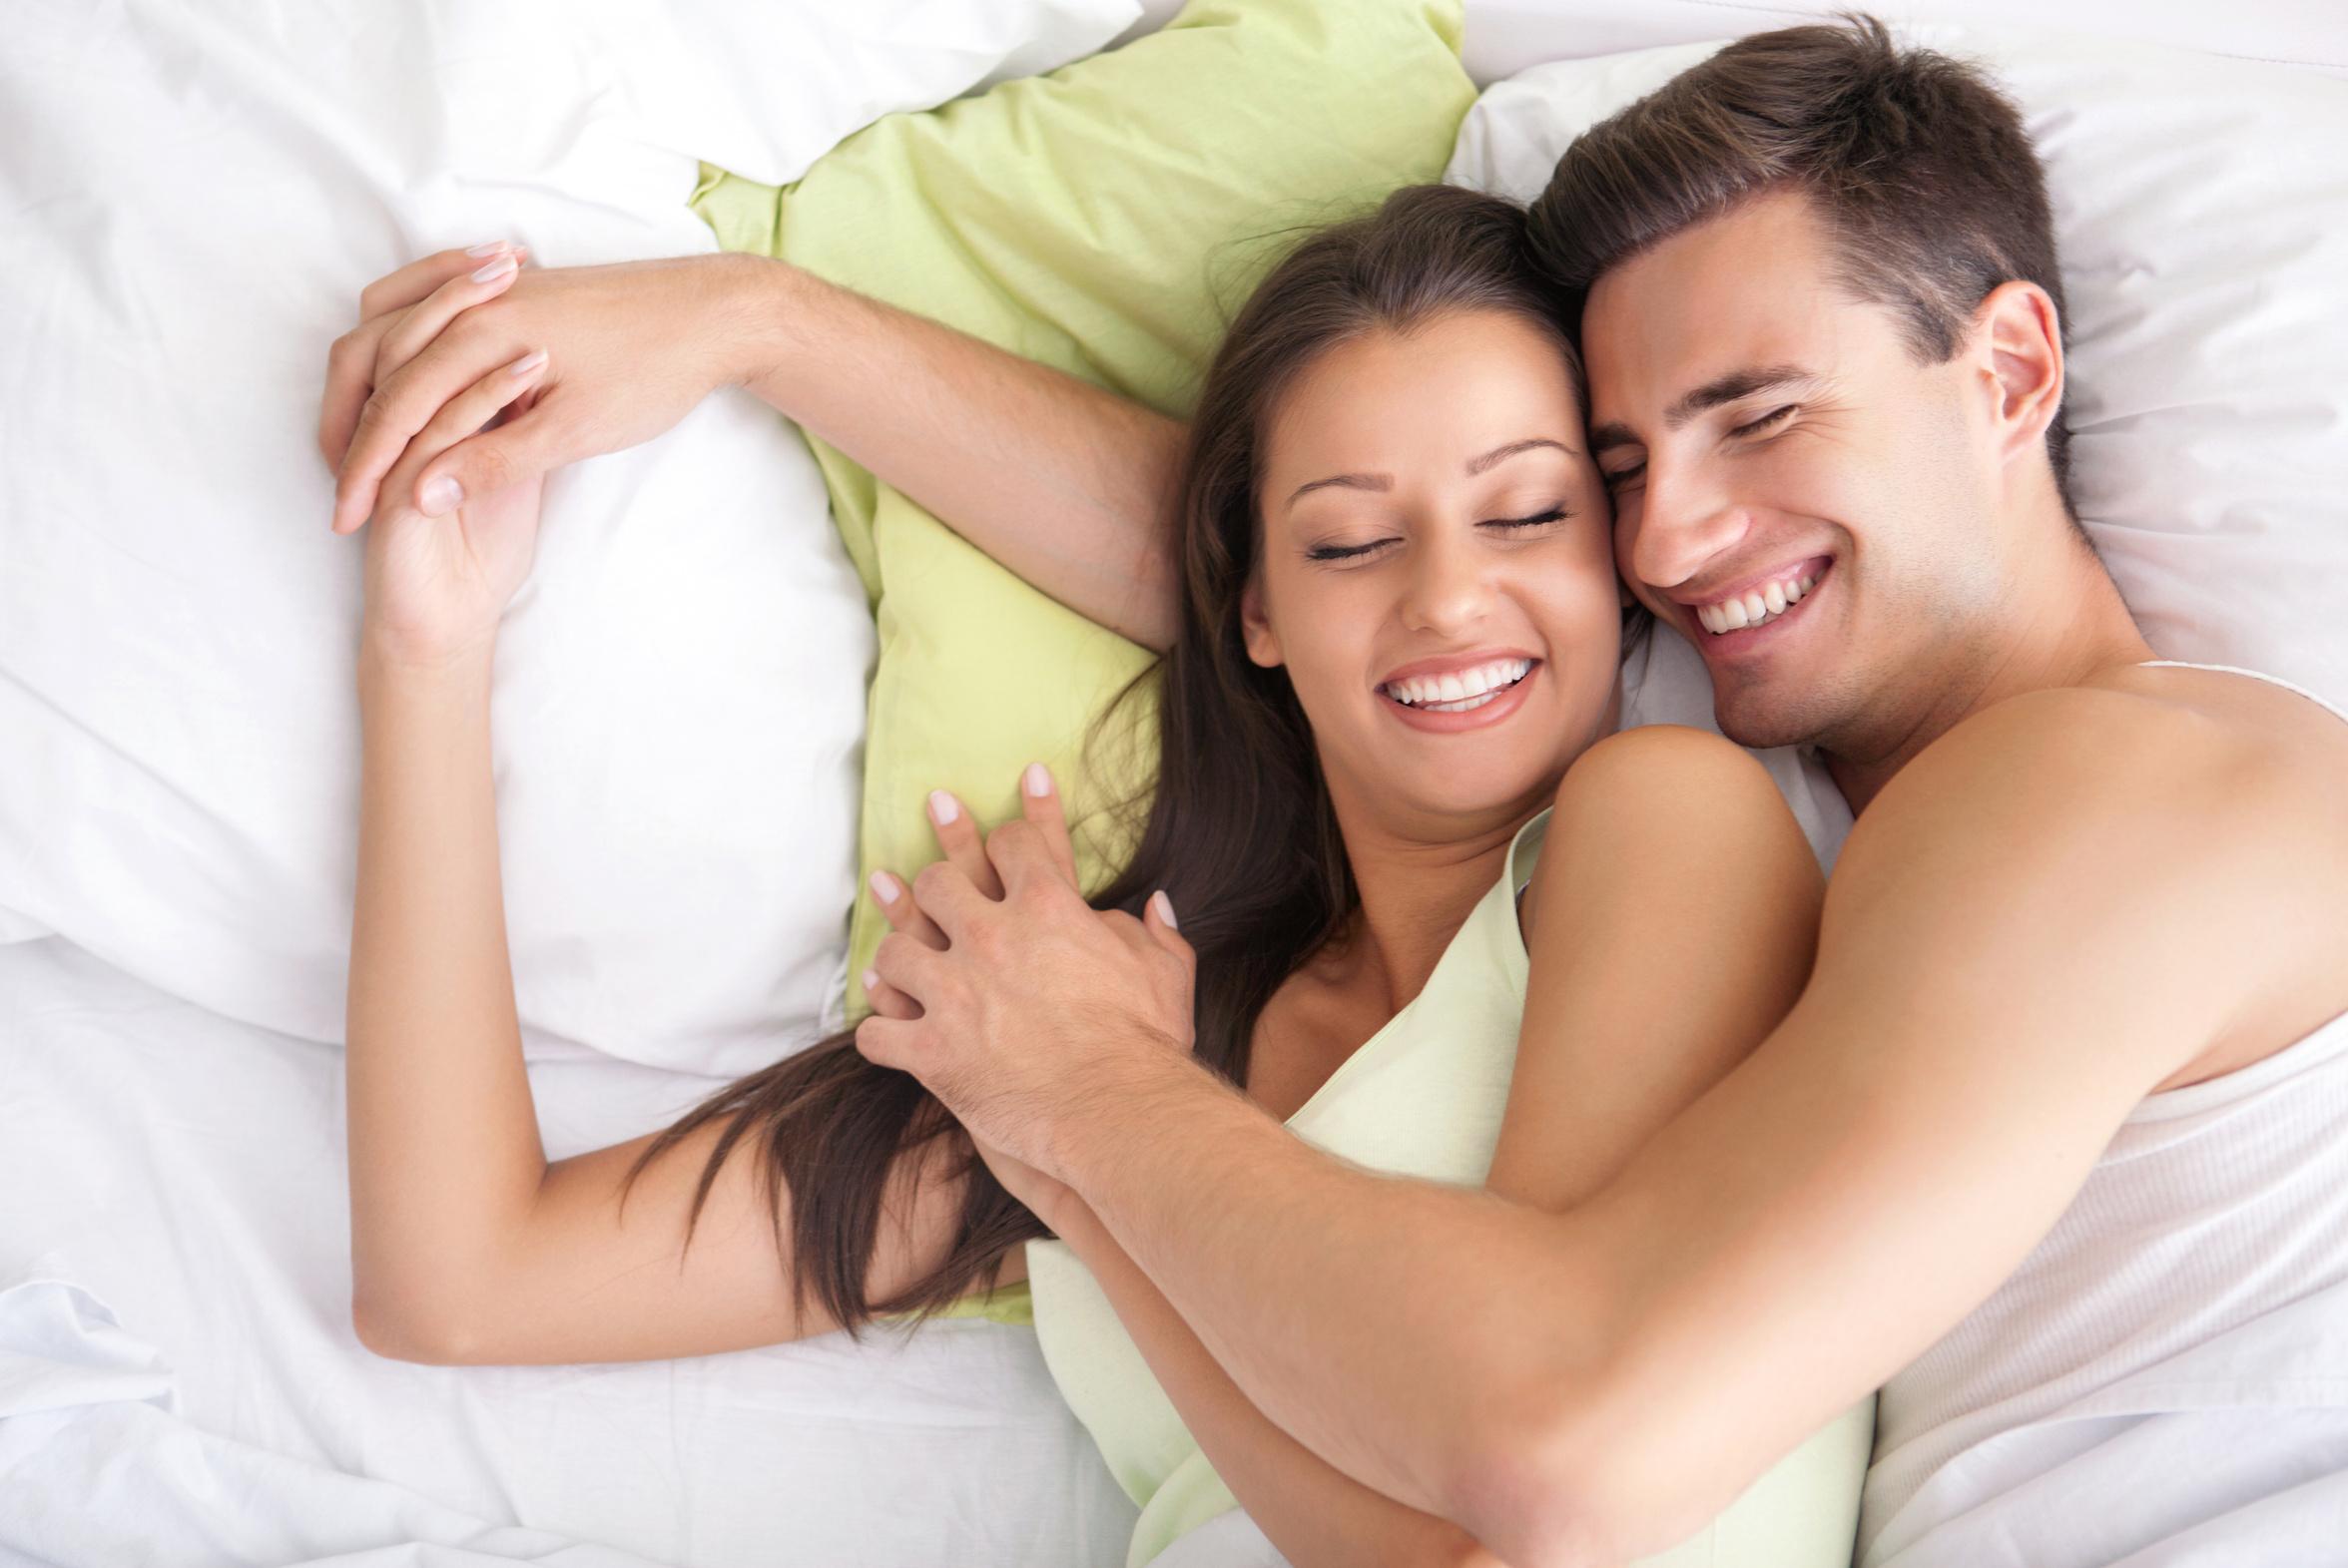 ब्वॉयफ़्रेंड को ख़ुश रखने के टिप्स